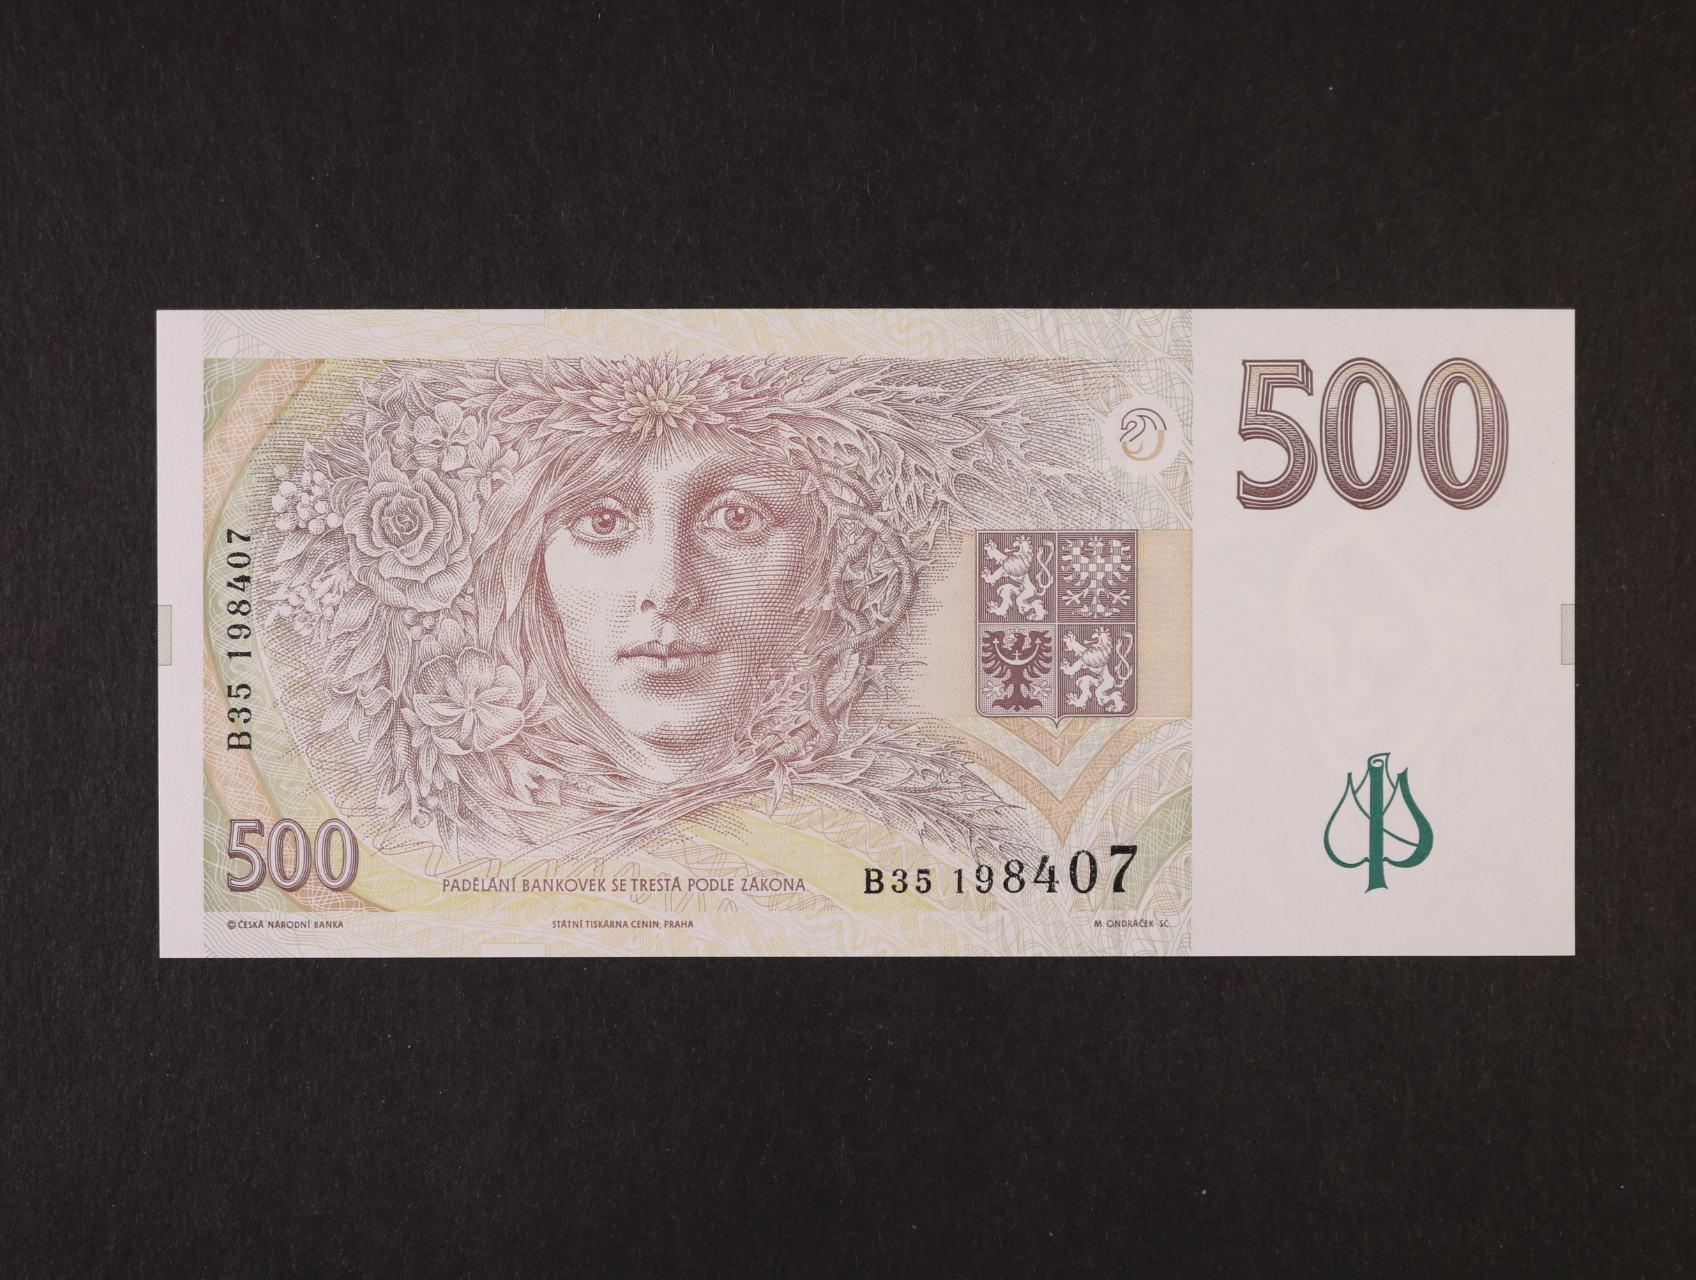 500 Kč 1995 série B 35, Ba. CZ 13, Pi. 14a